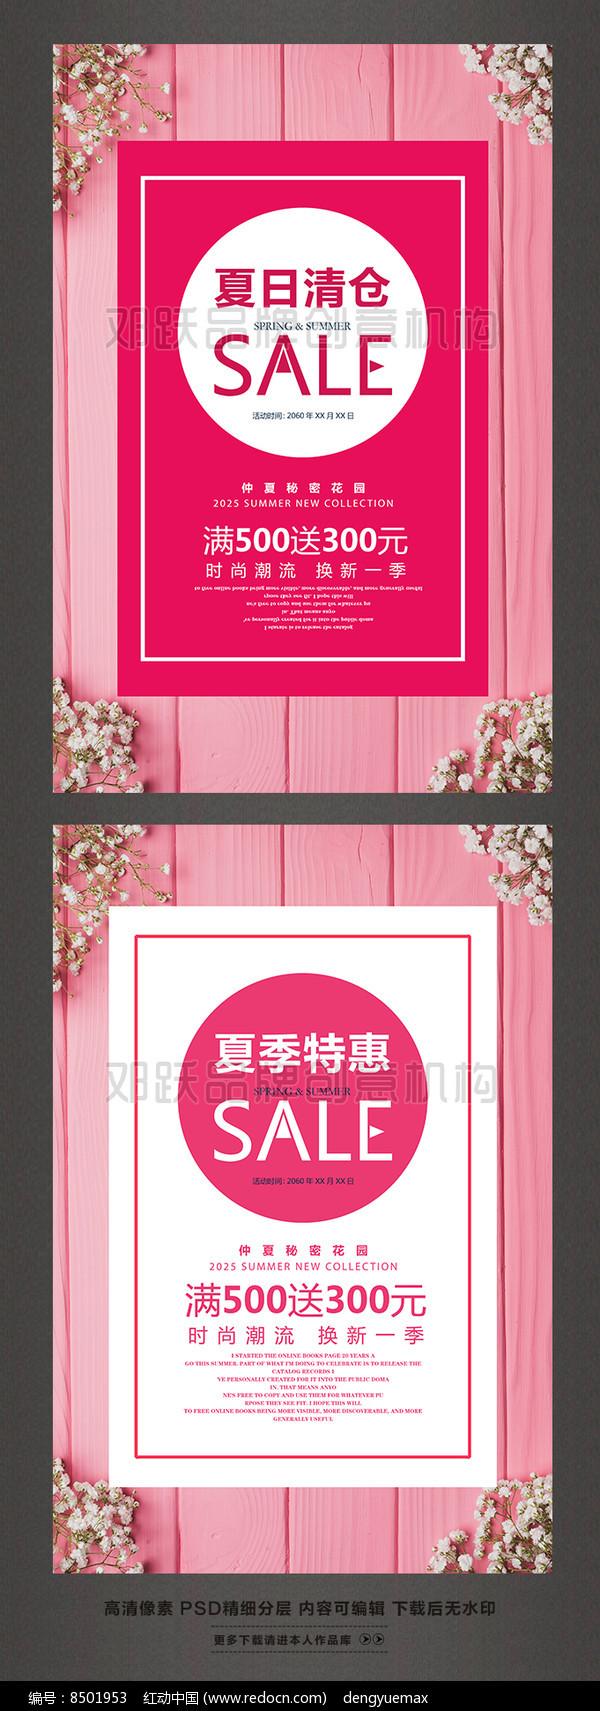 夏日清仓夏季特惠促销活动海报图片